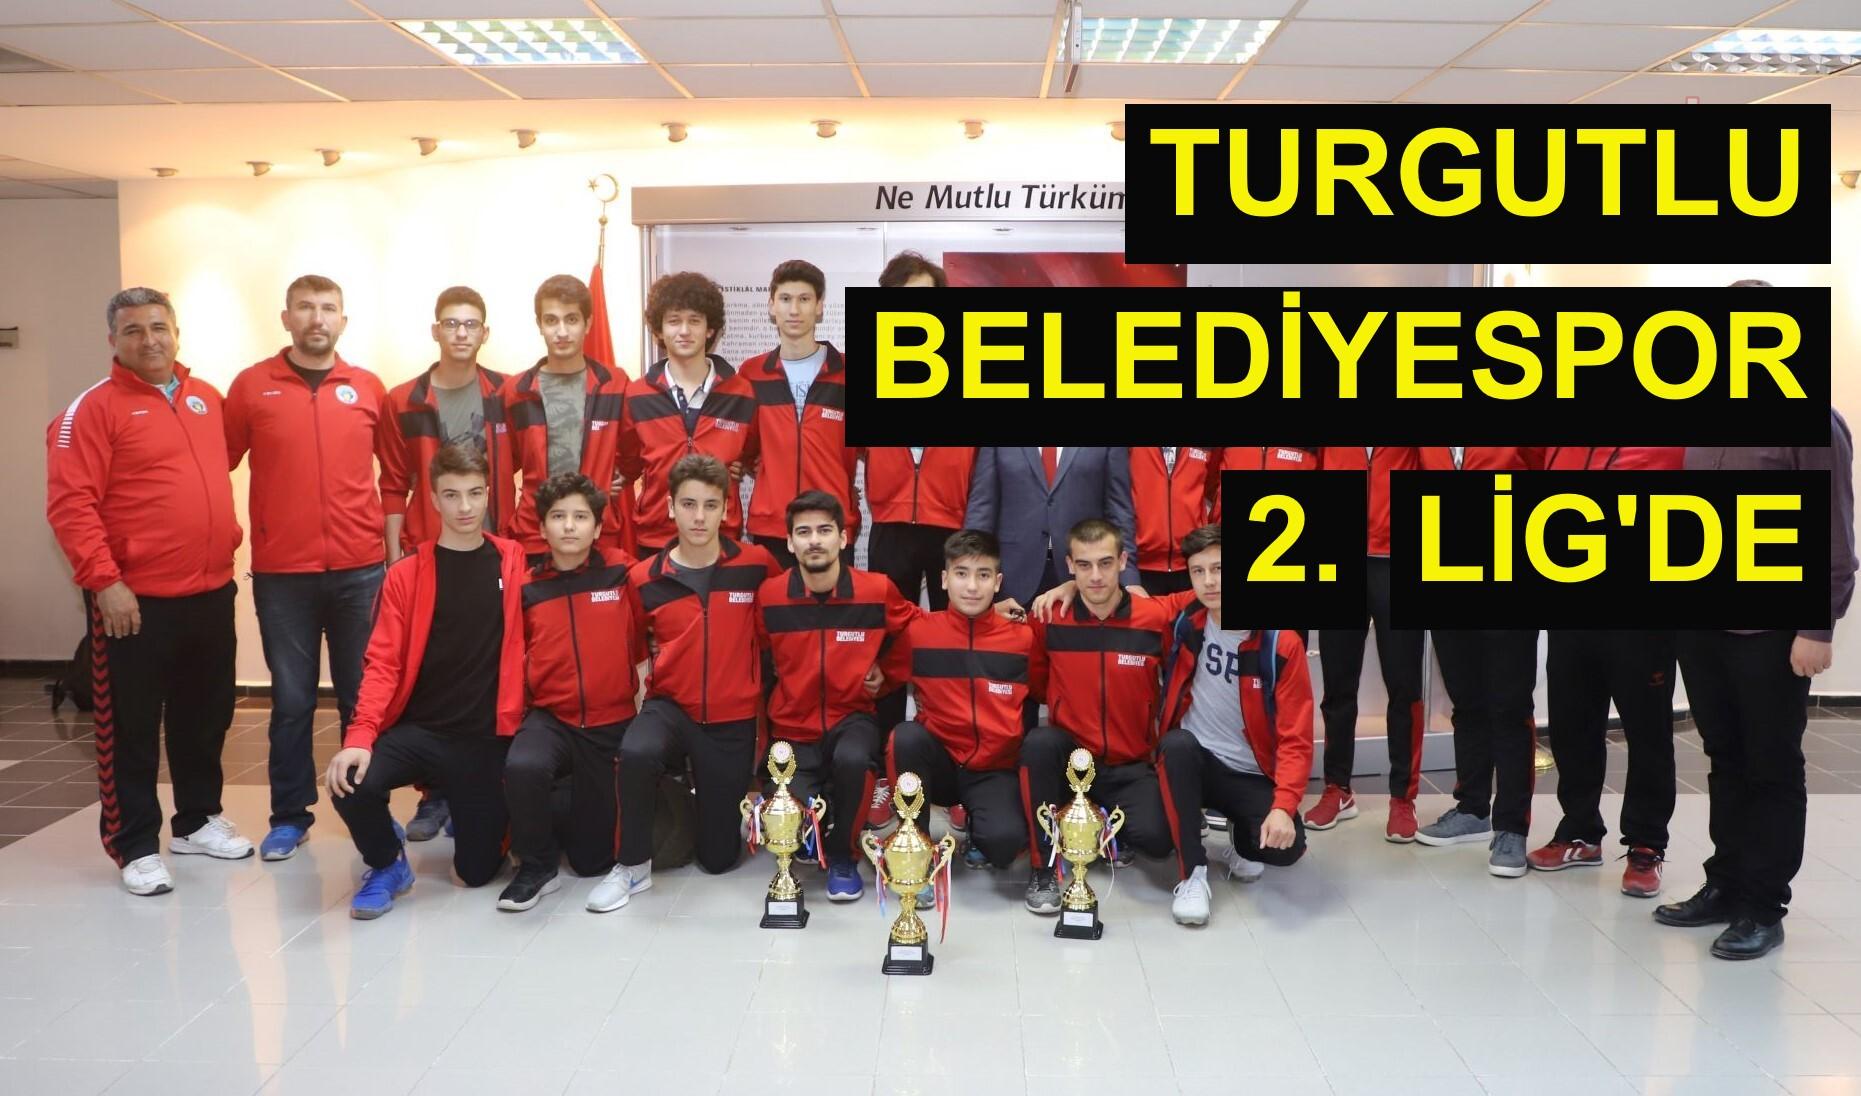 Turgutlu Belediyespor 2. Lig'de